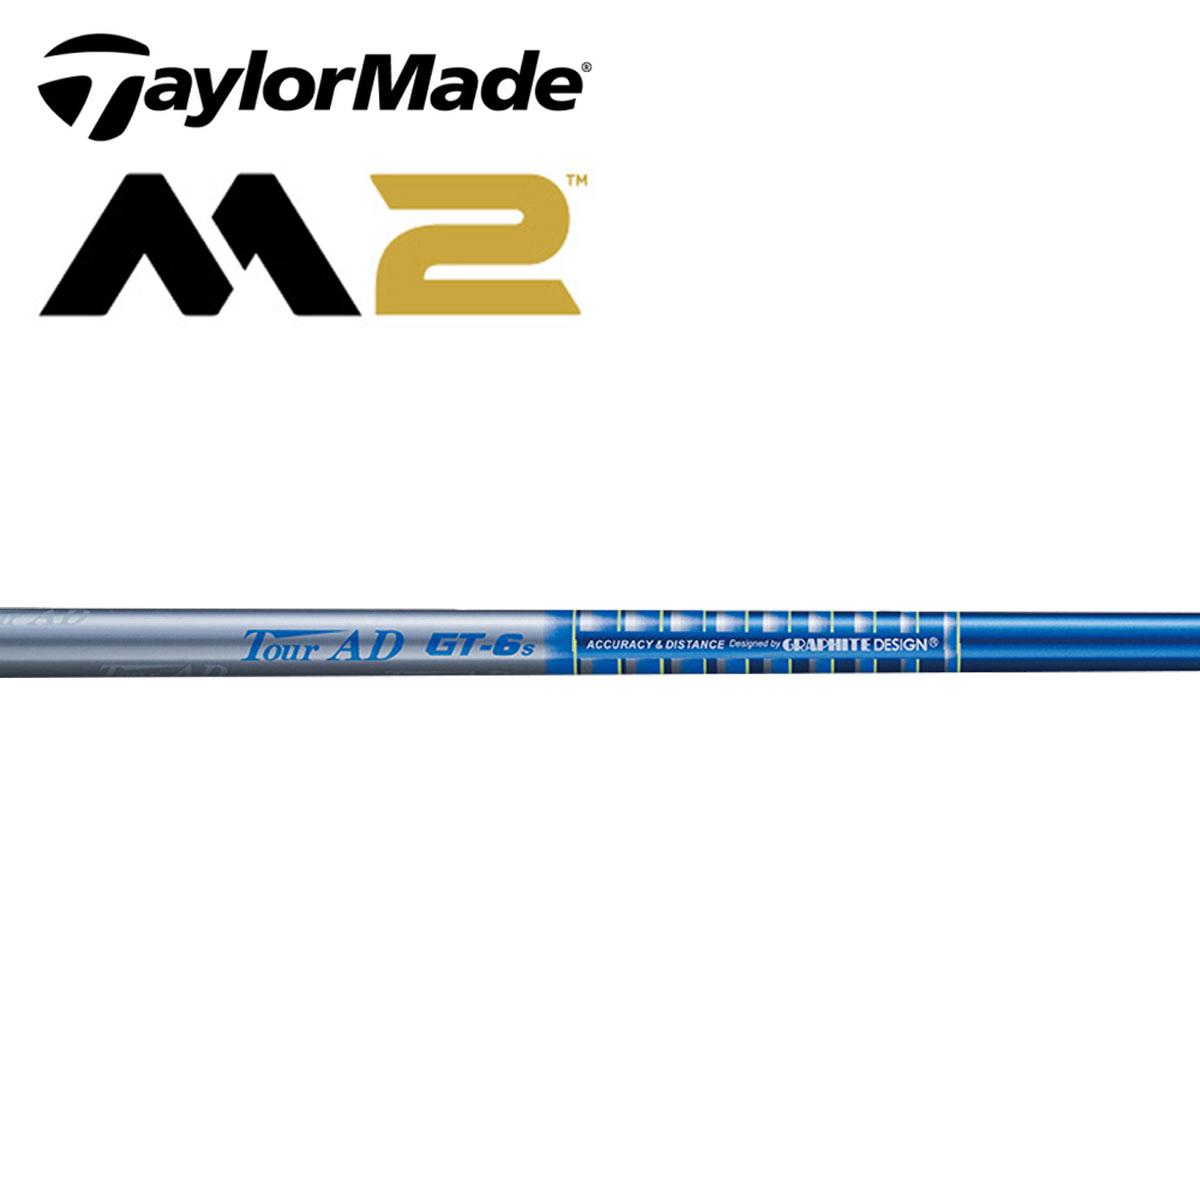 Tour AD GTシリーズ M2 ドライバーロフト9.5度用スリーブ付きシャフト 2016年モデル【テーラーメイド専用】